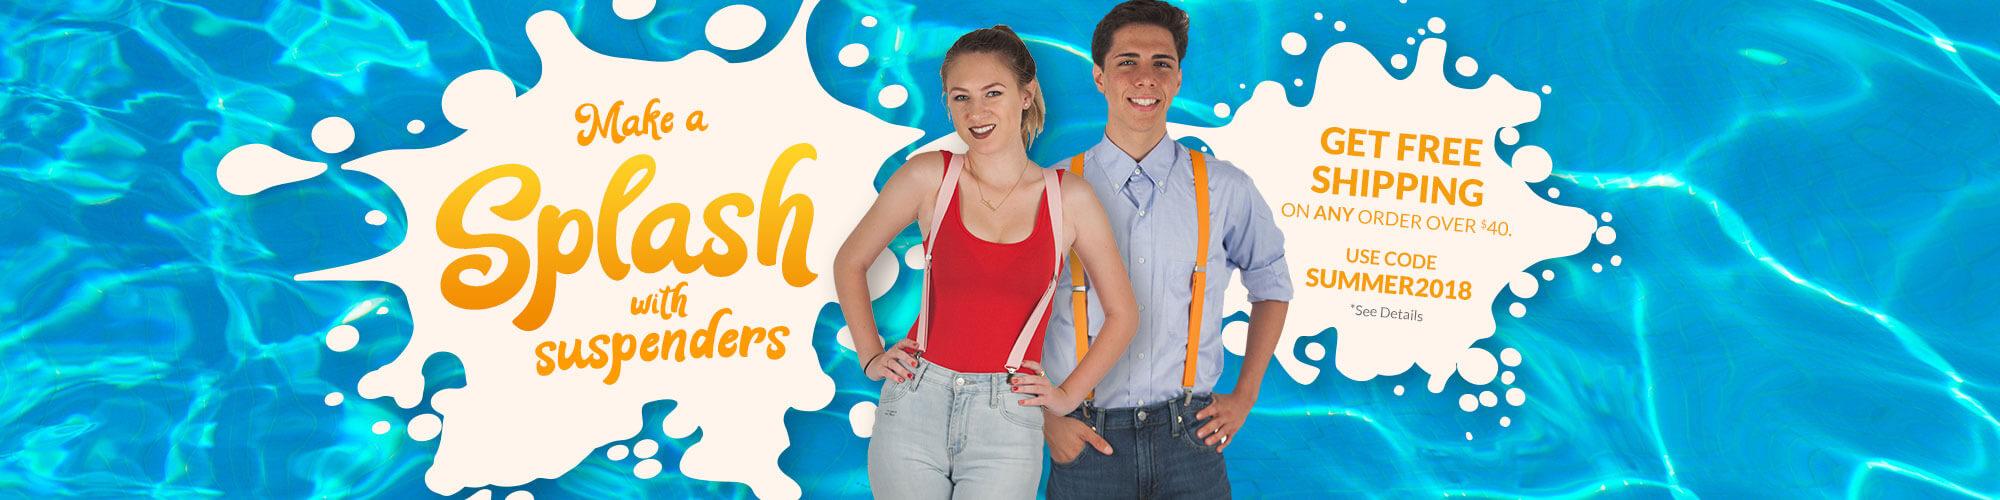 make-a-splash-summer-2018